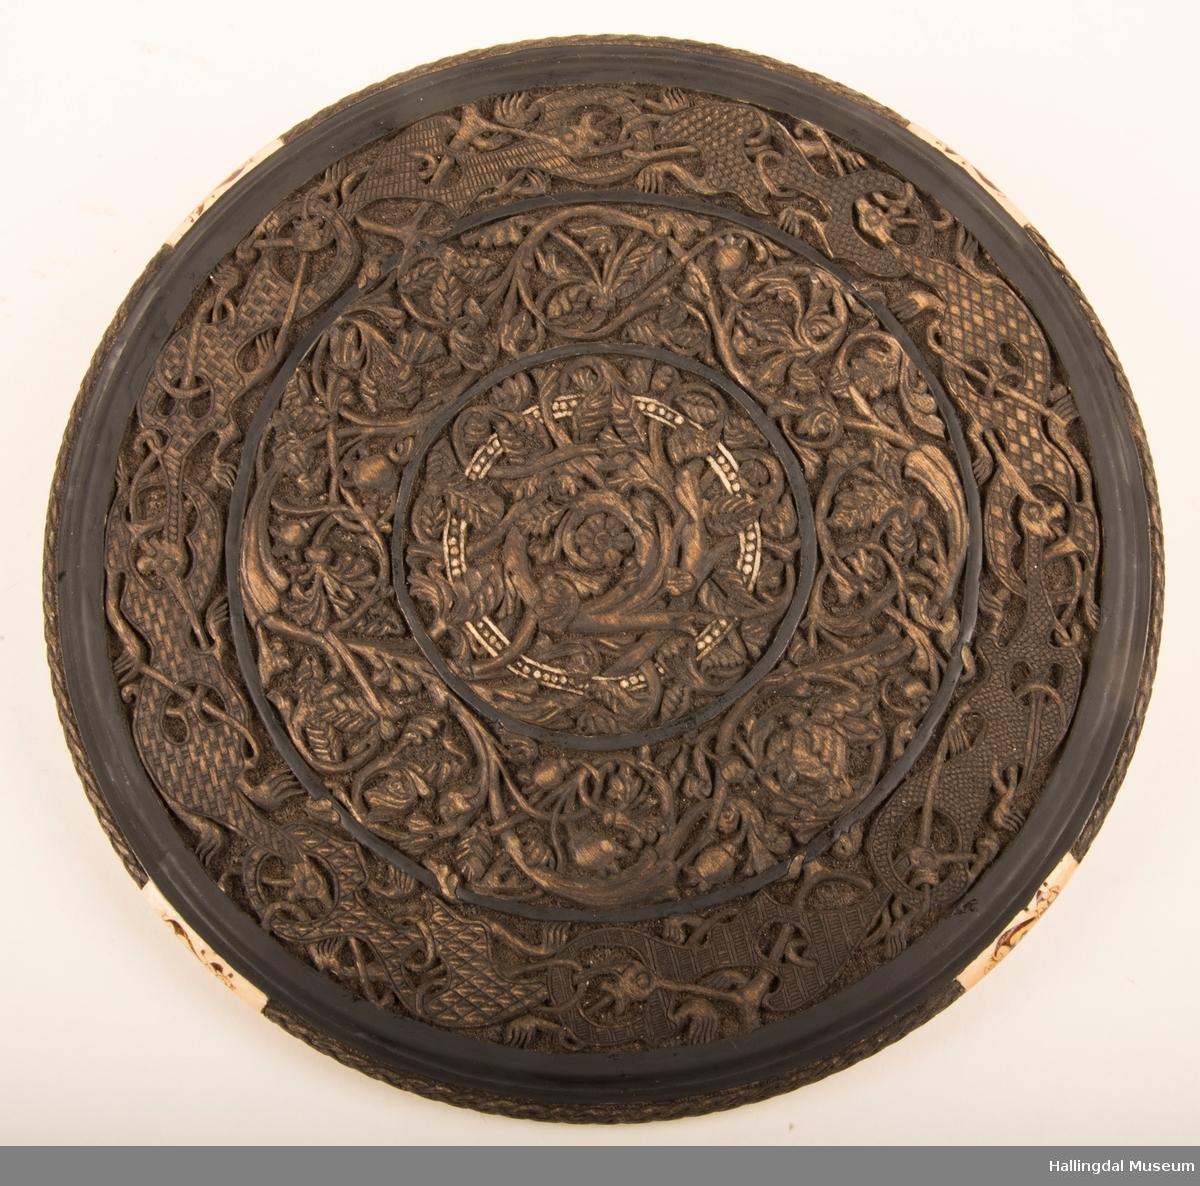 Motiv fra norrøn mytologi, blomsterranker og draker